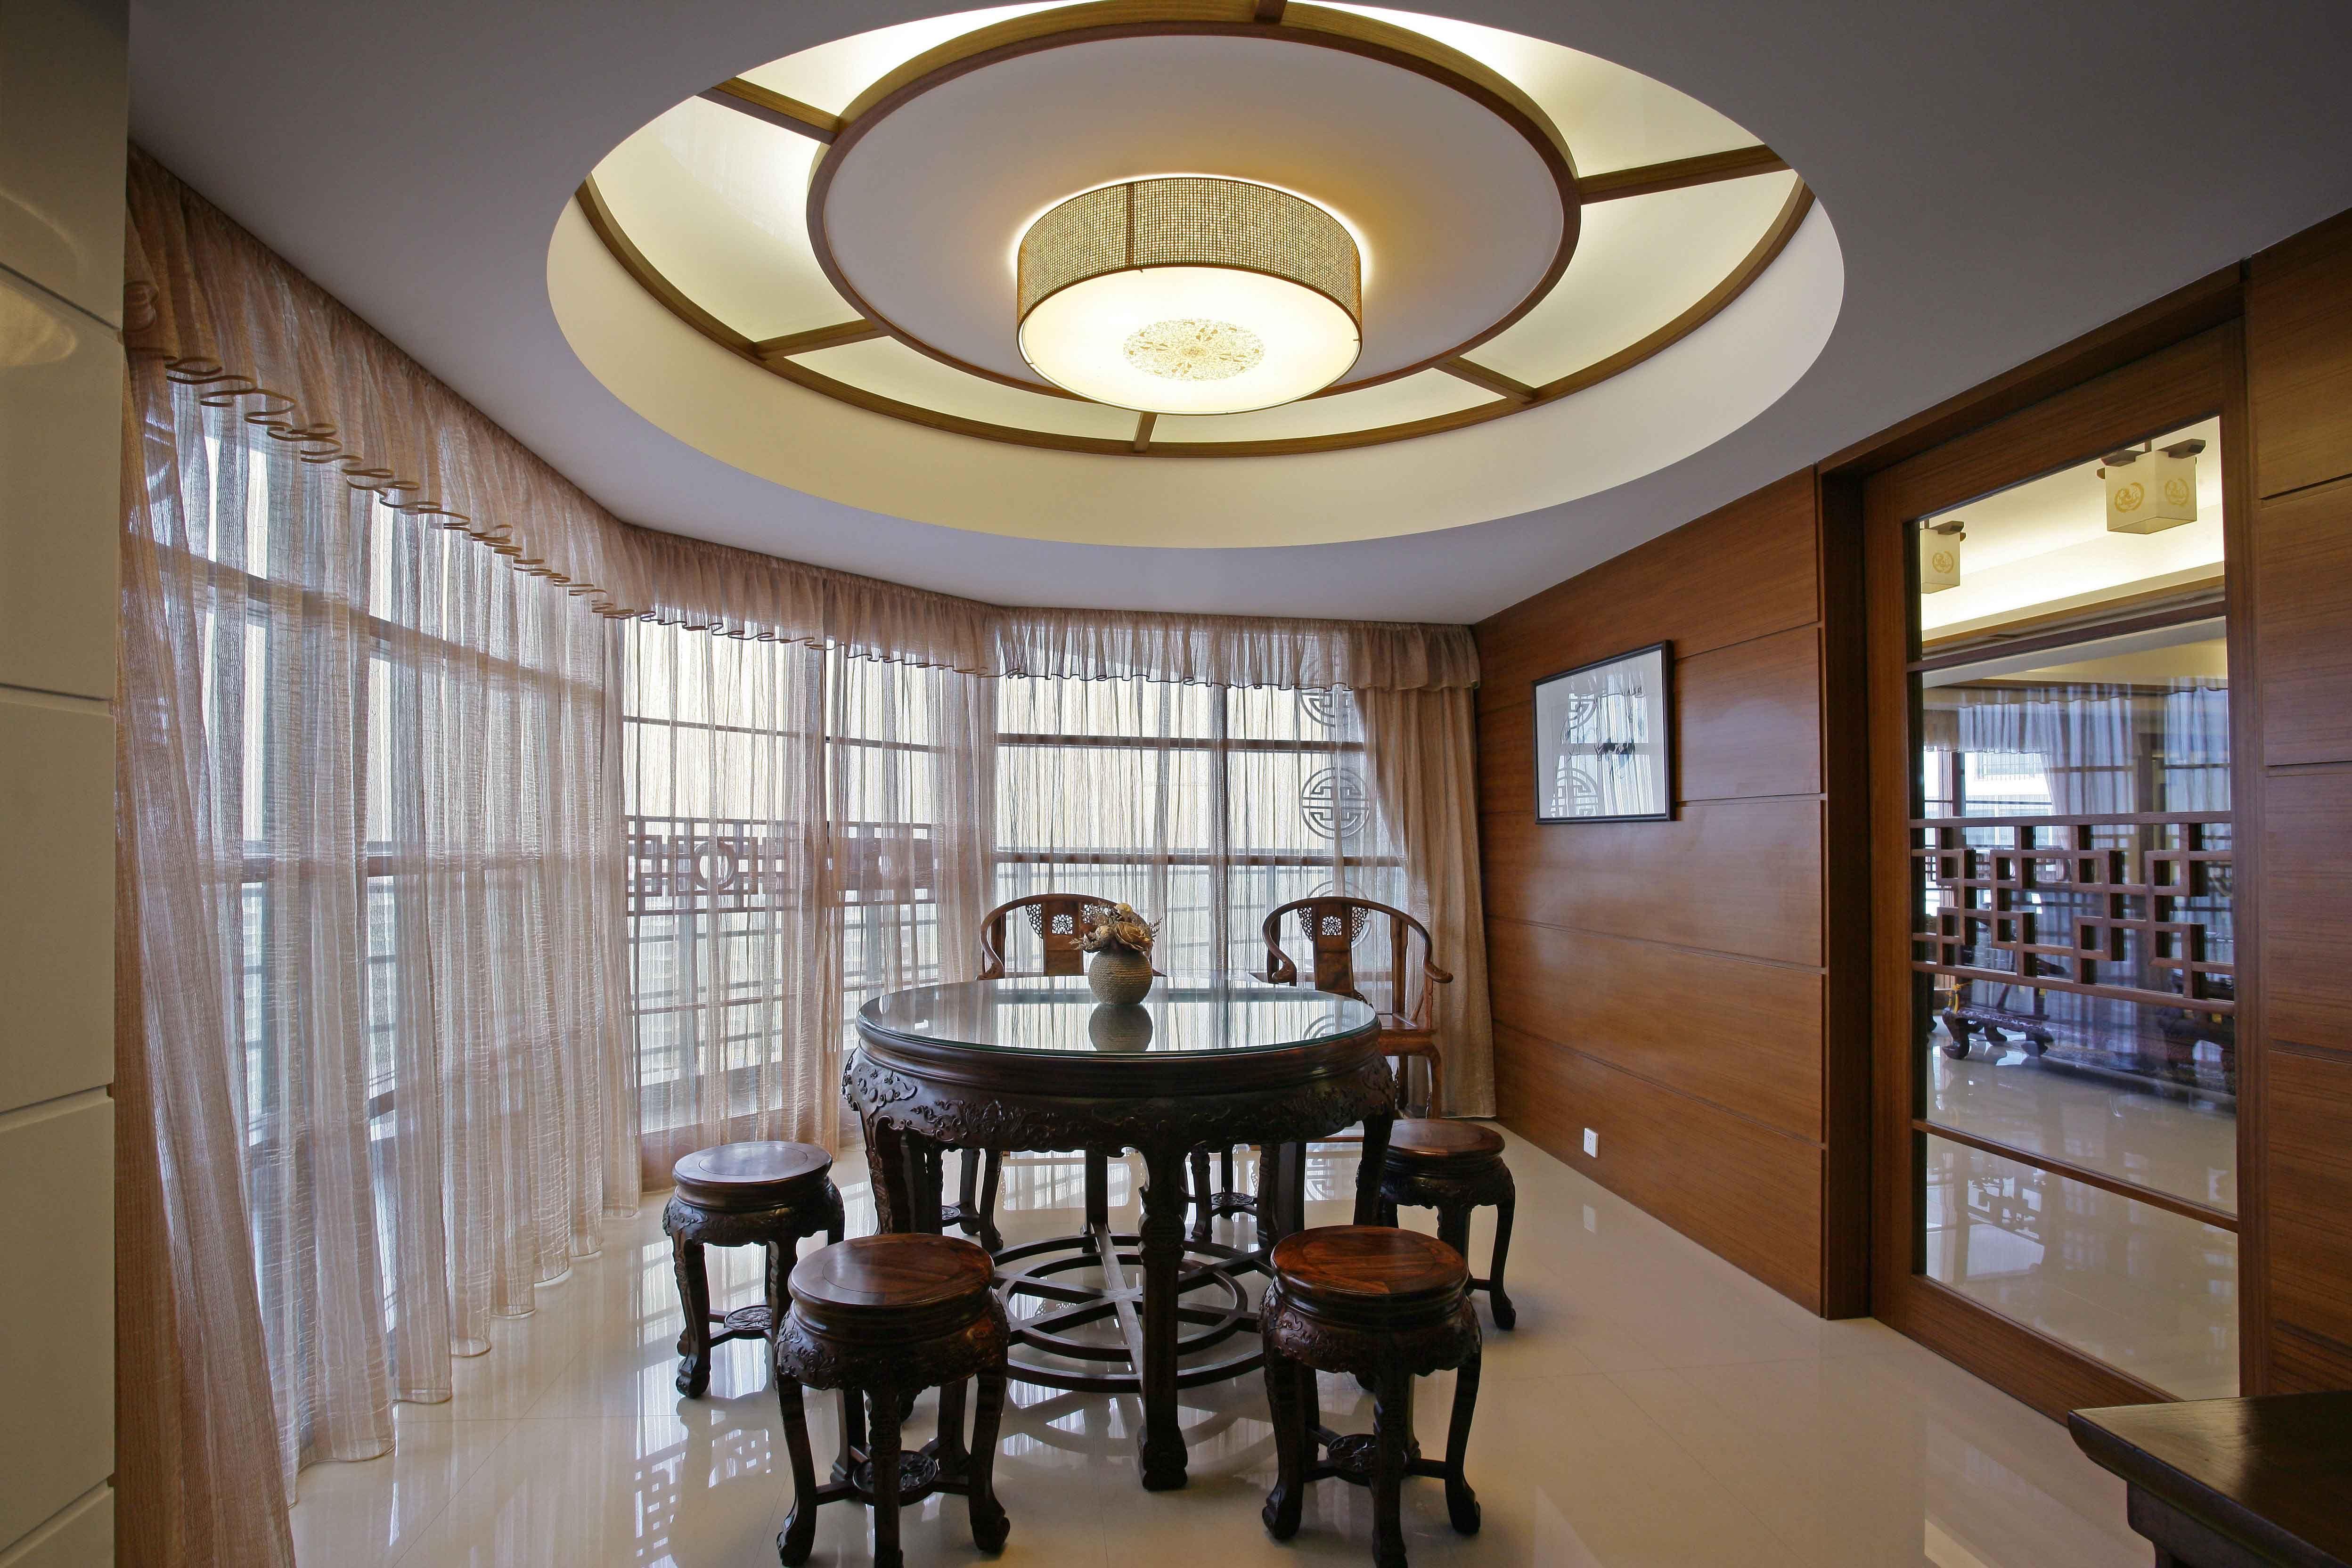 2017中式风格别墅餐厅吊顶设计图片欣赏_装修123效果图